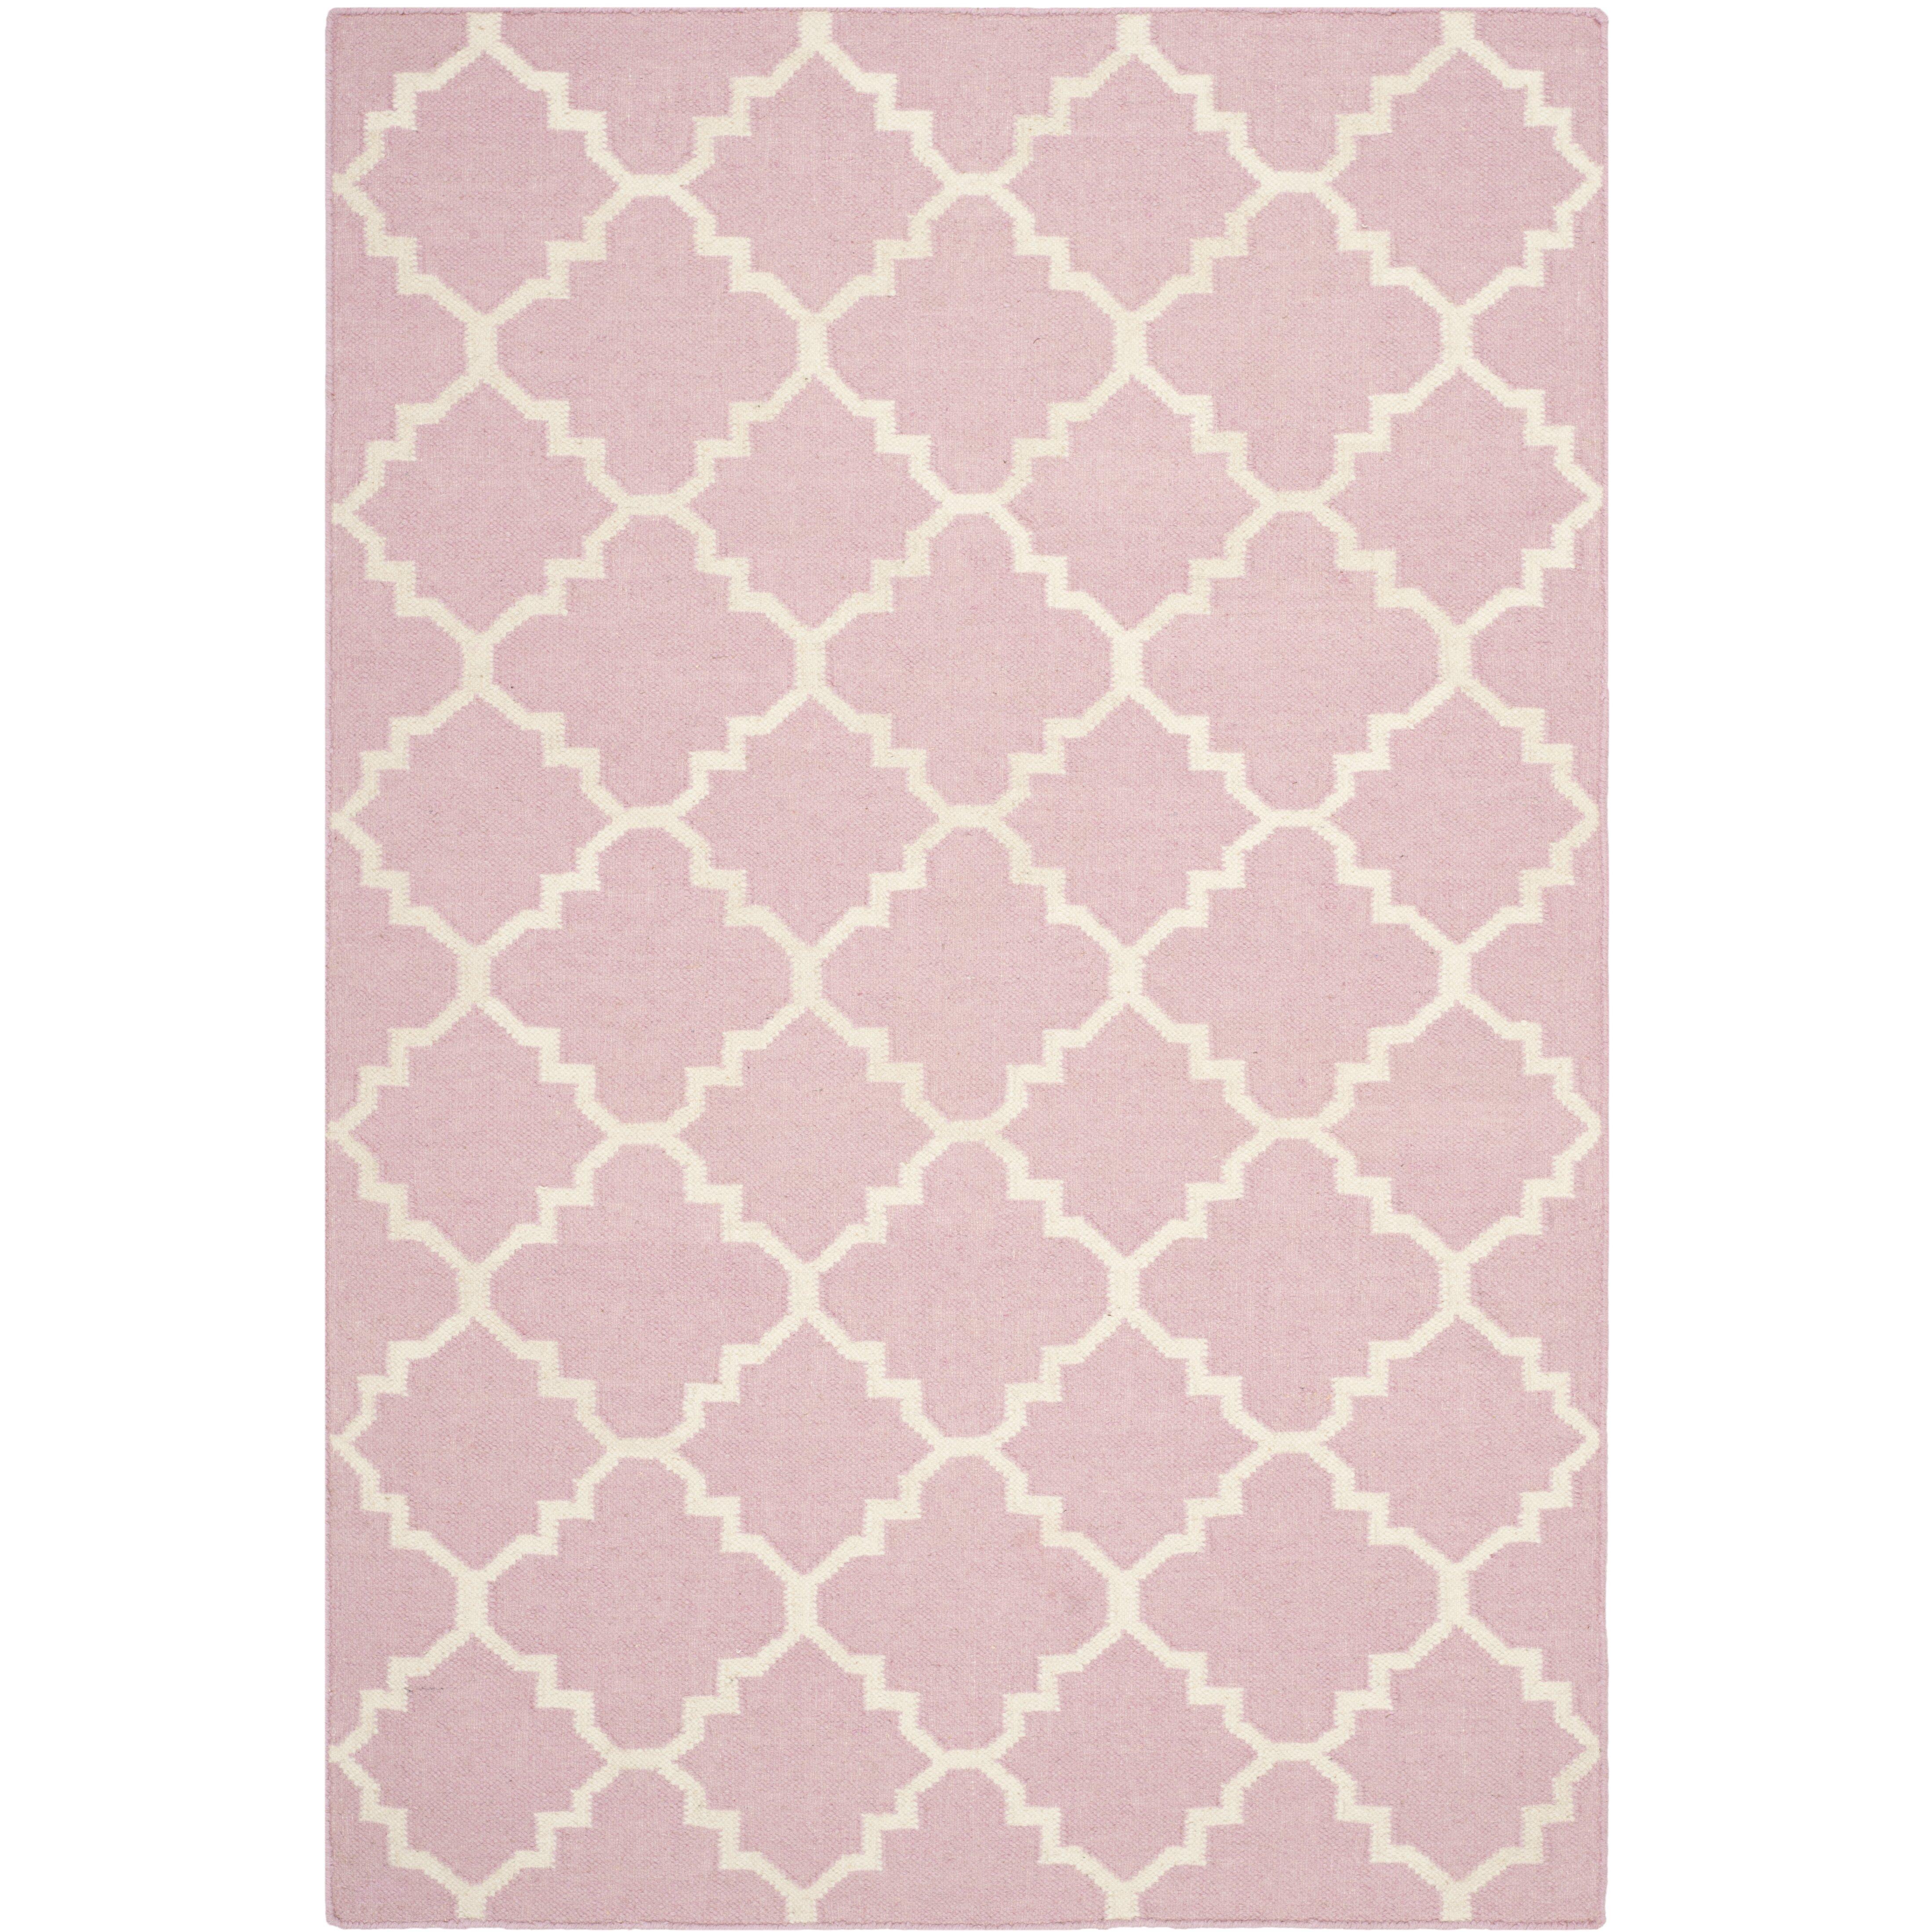 Safavieh Dhurries Pink Ivory Area Rug Amp Reviews Wayfair